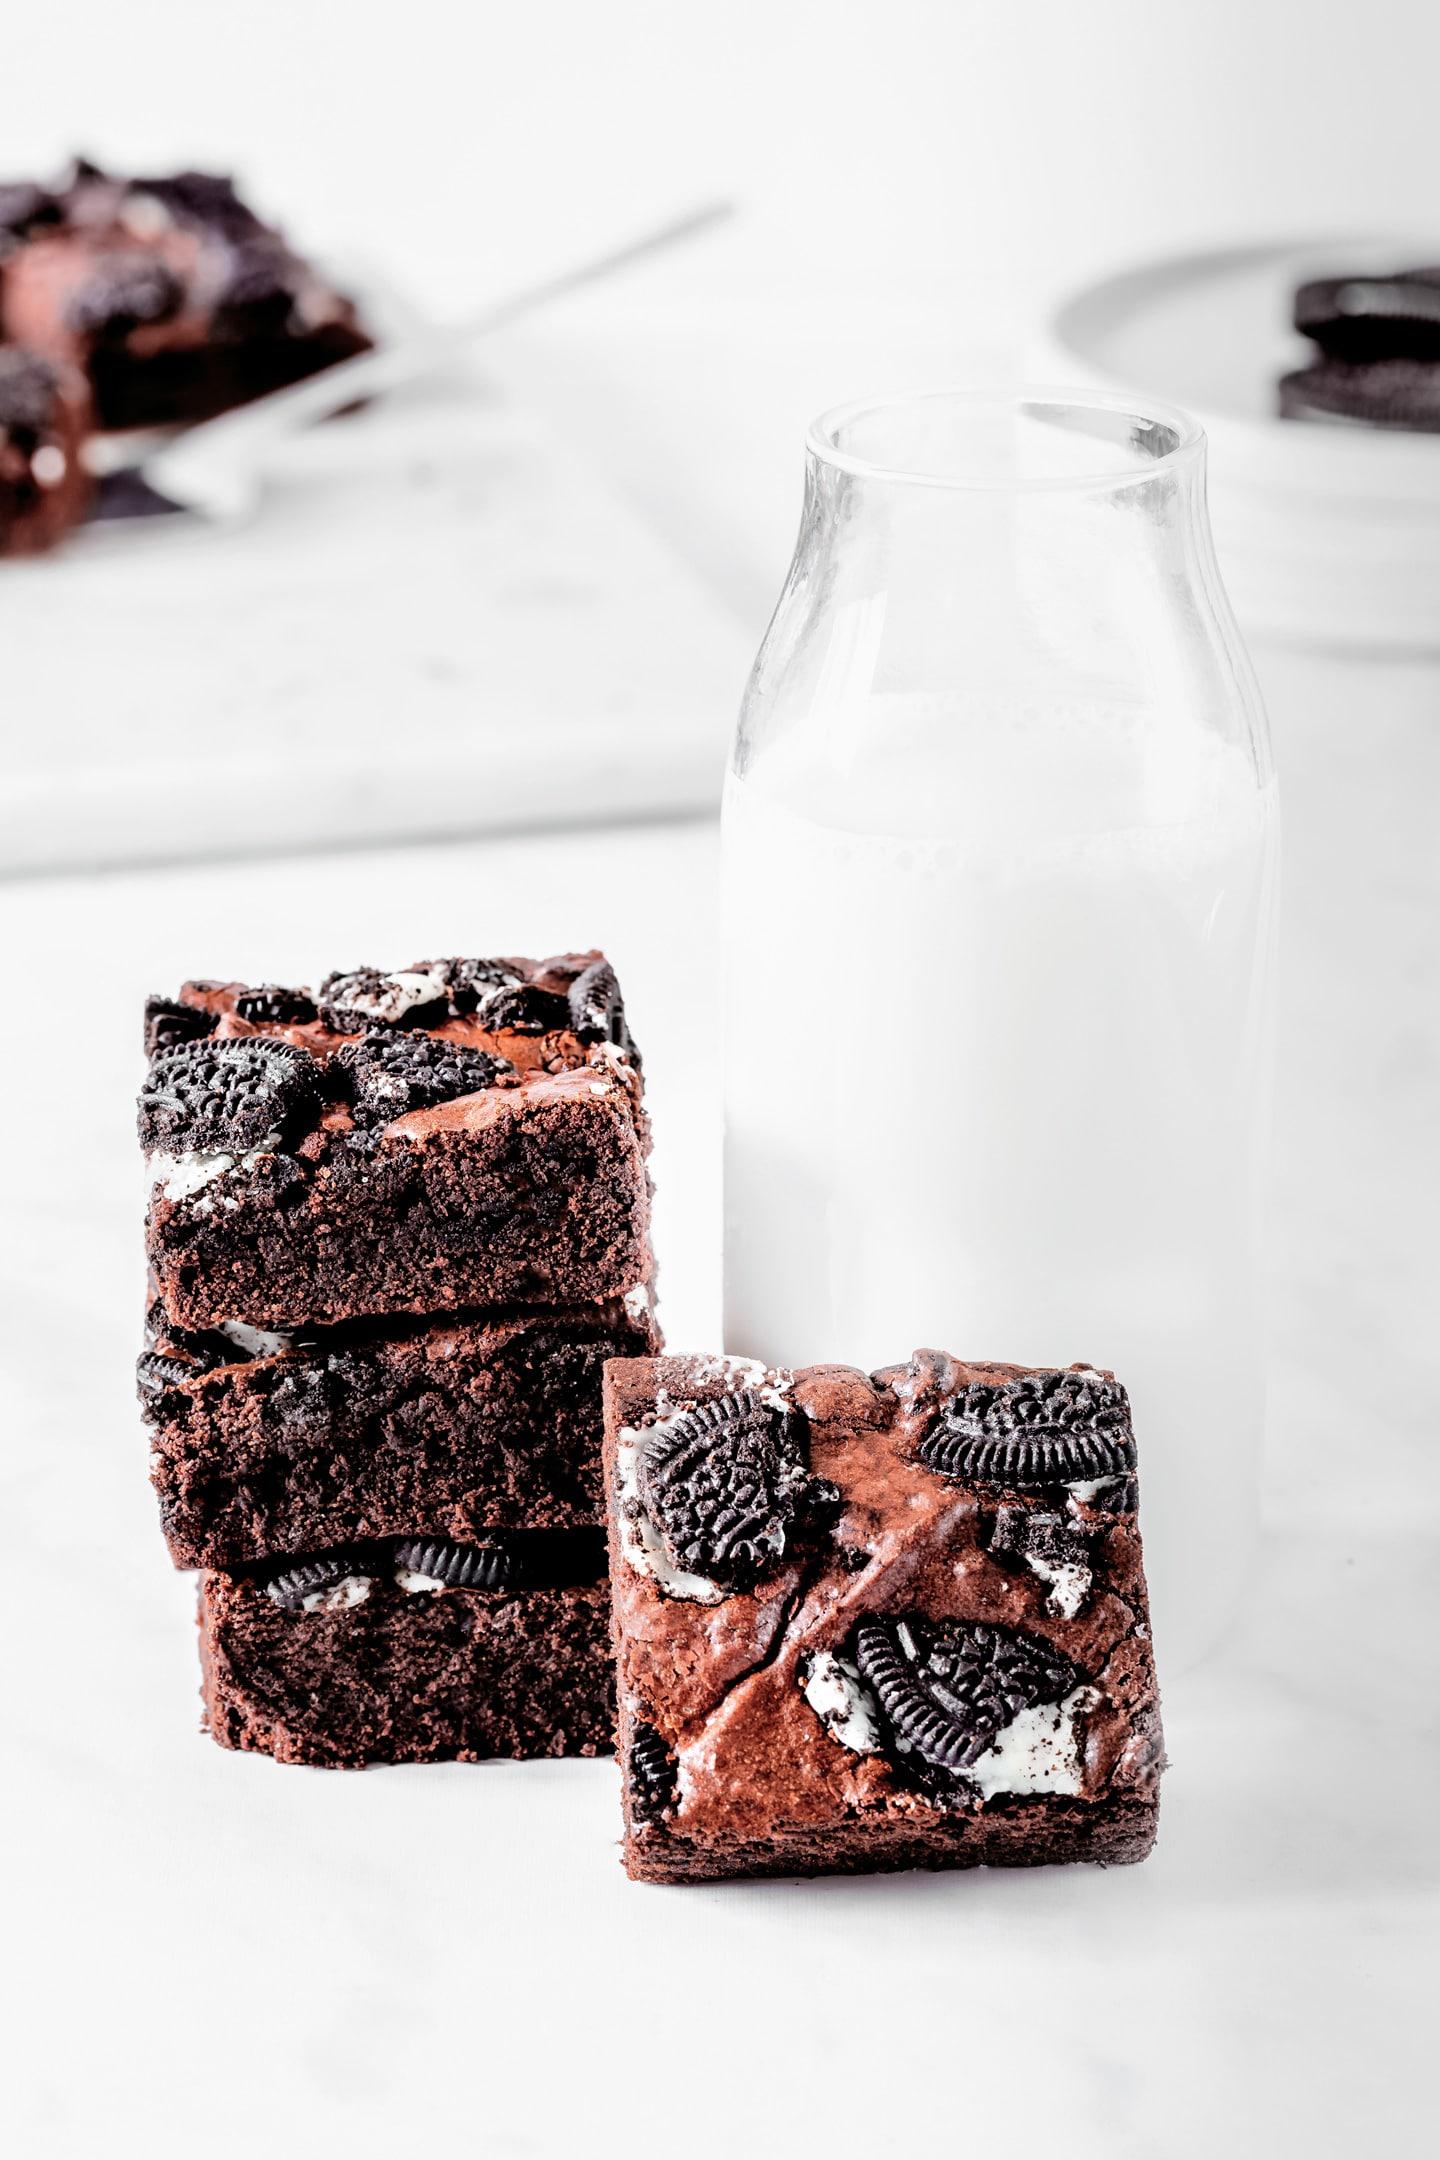 Brownie chocolat oreo